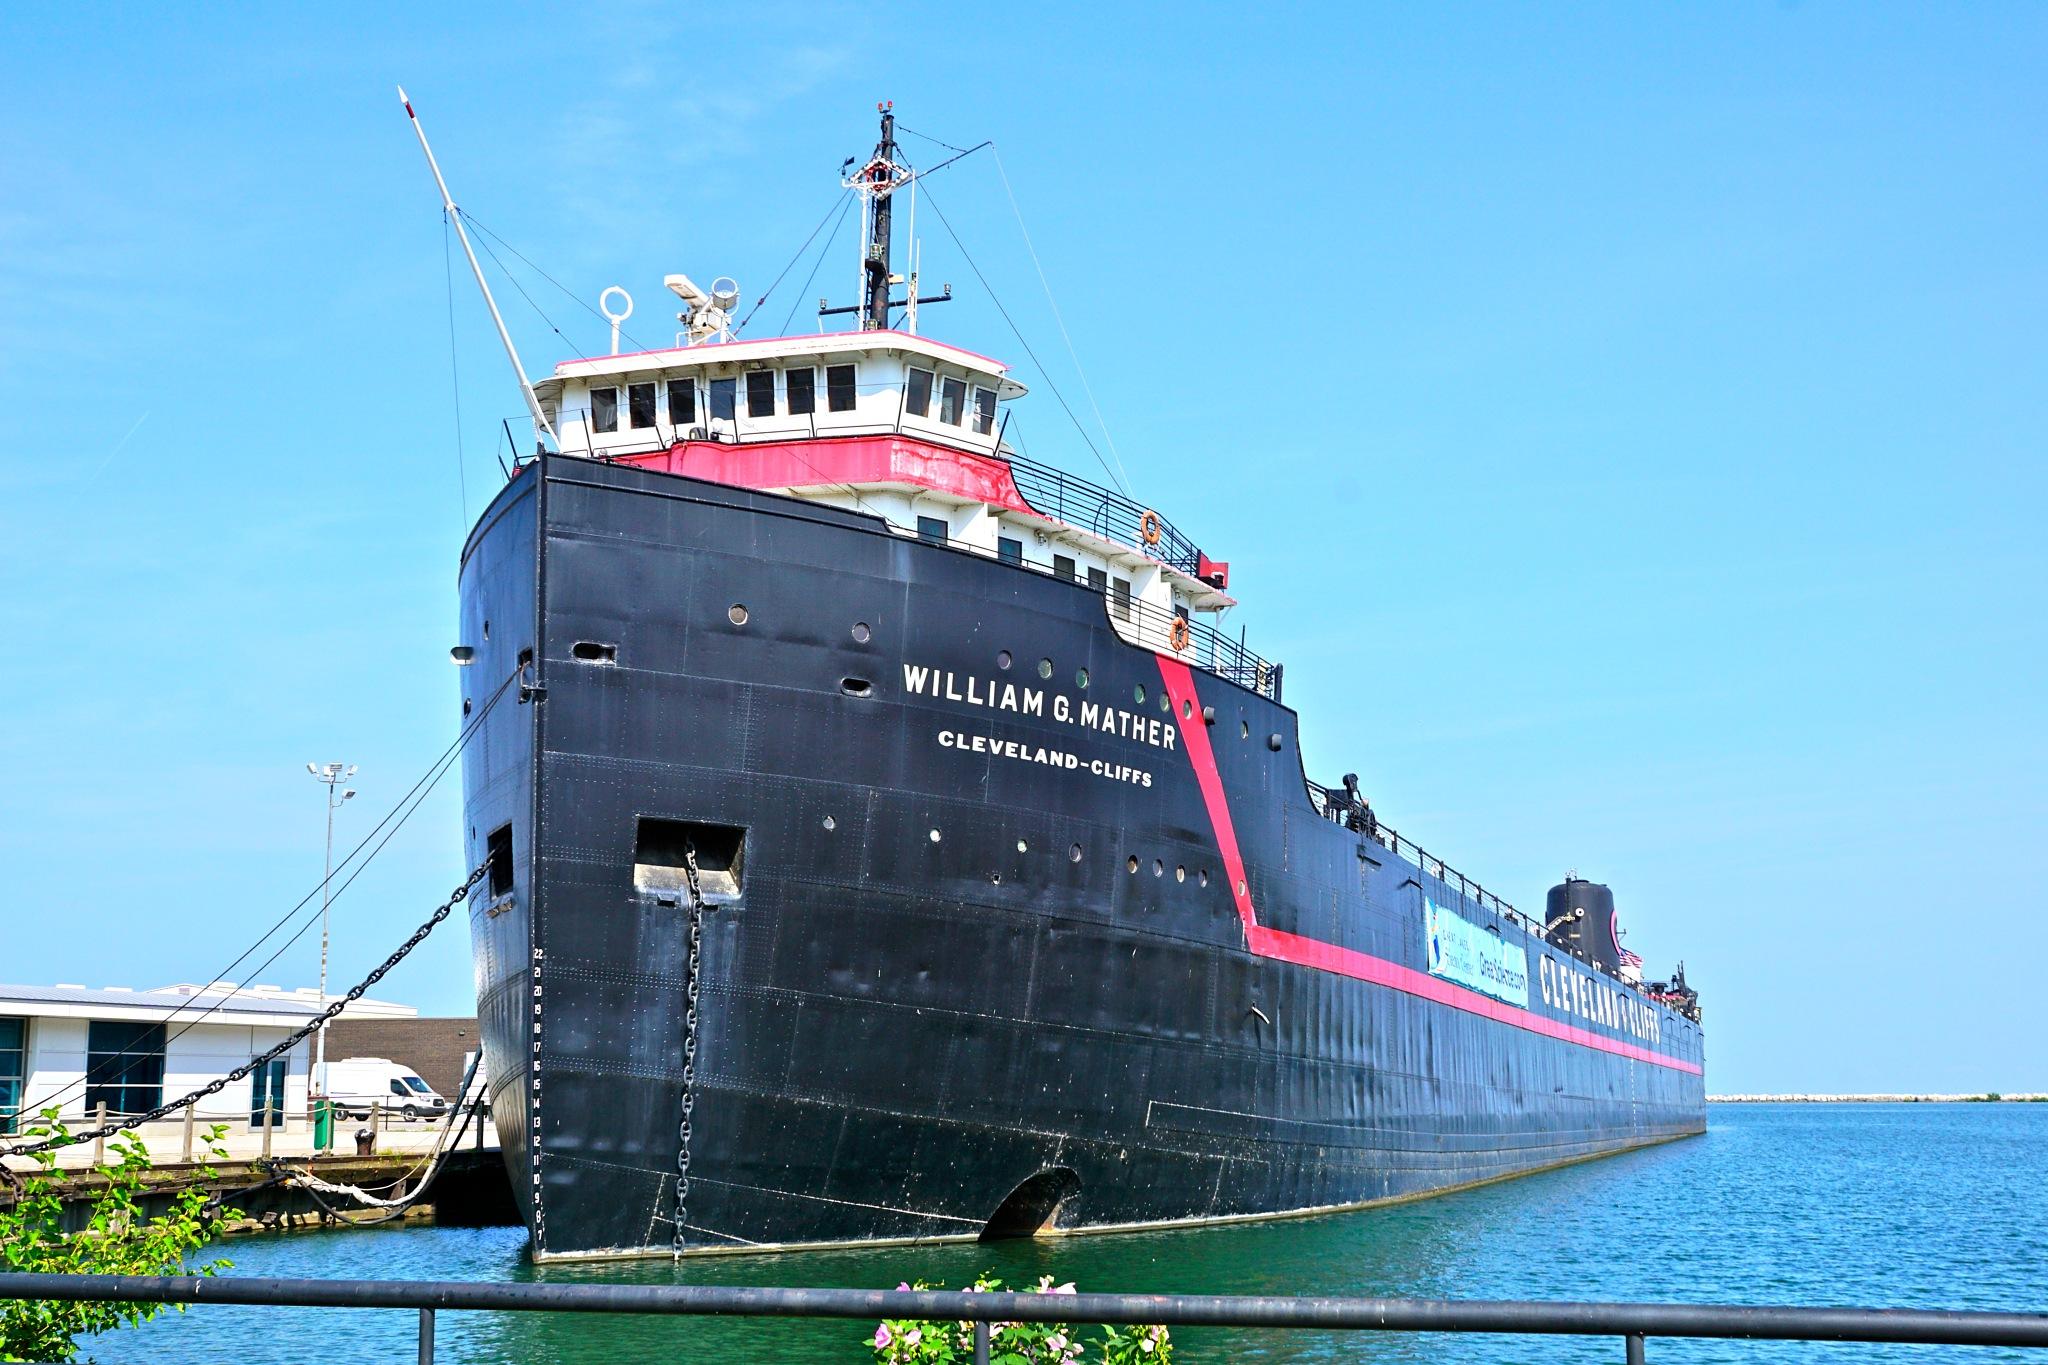 steamship William G Mather by Debi Staron